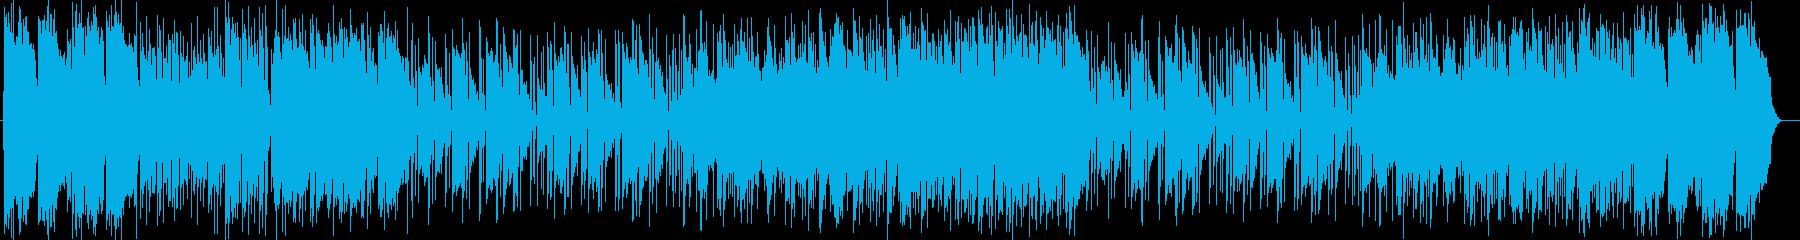 明るく元気なシンセサイザーポップスの再生済みの波形